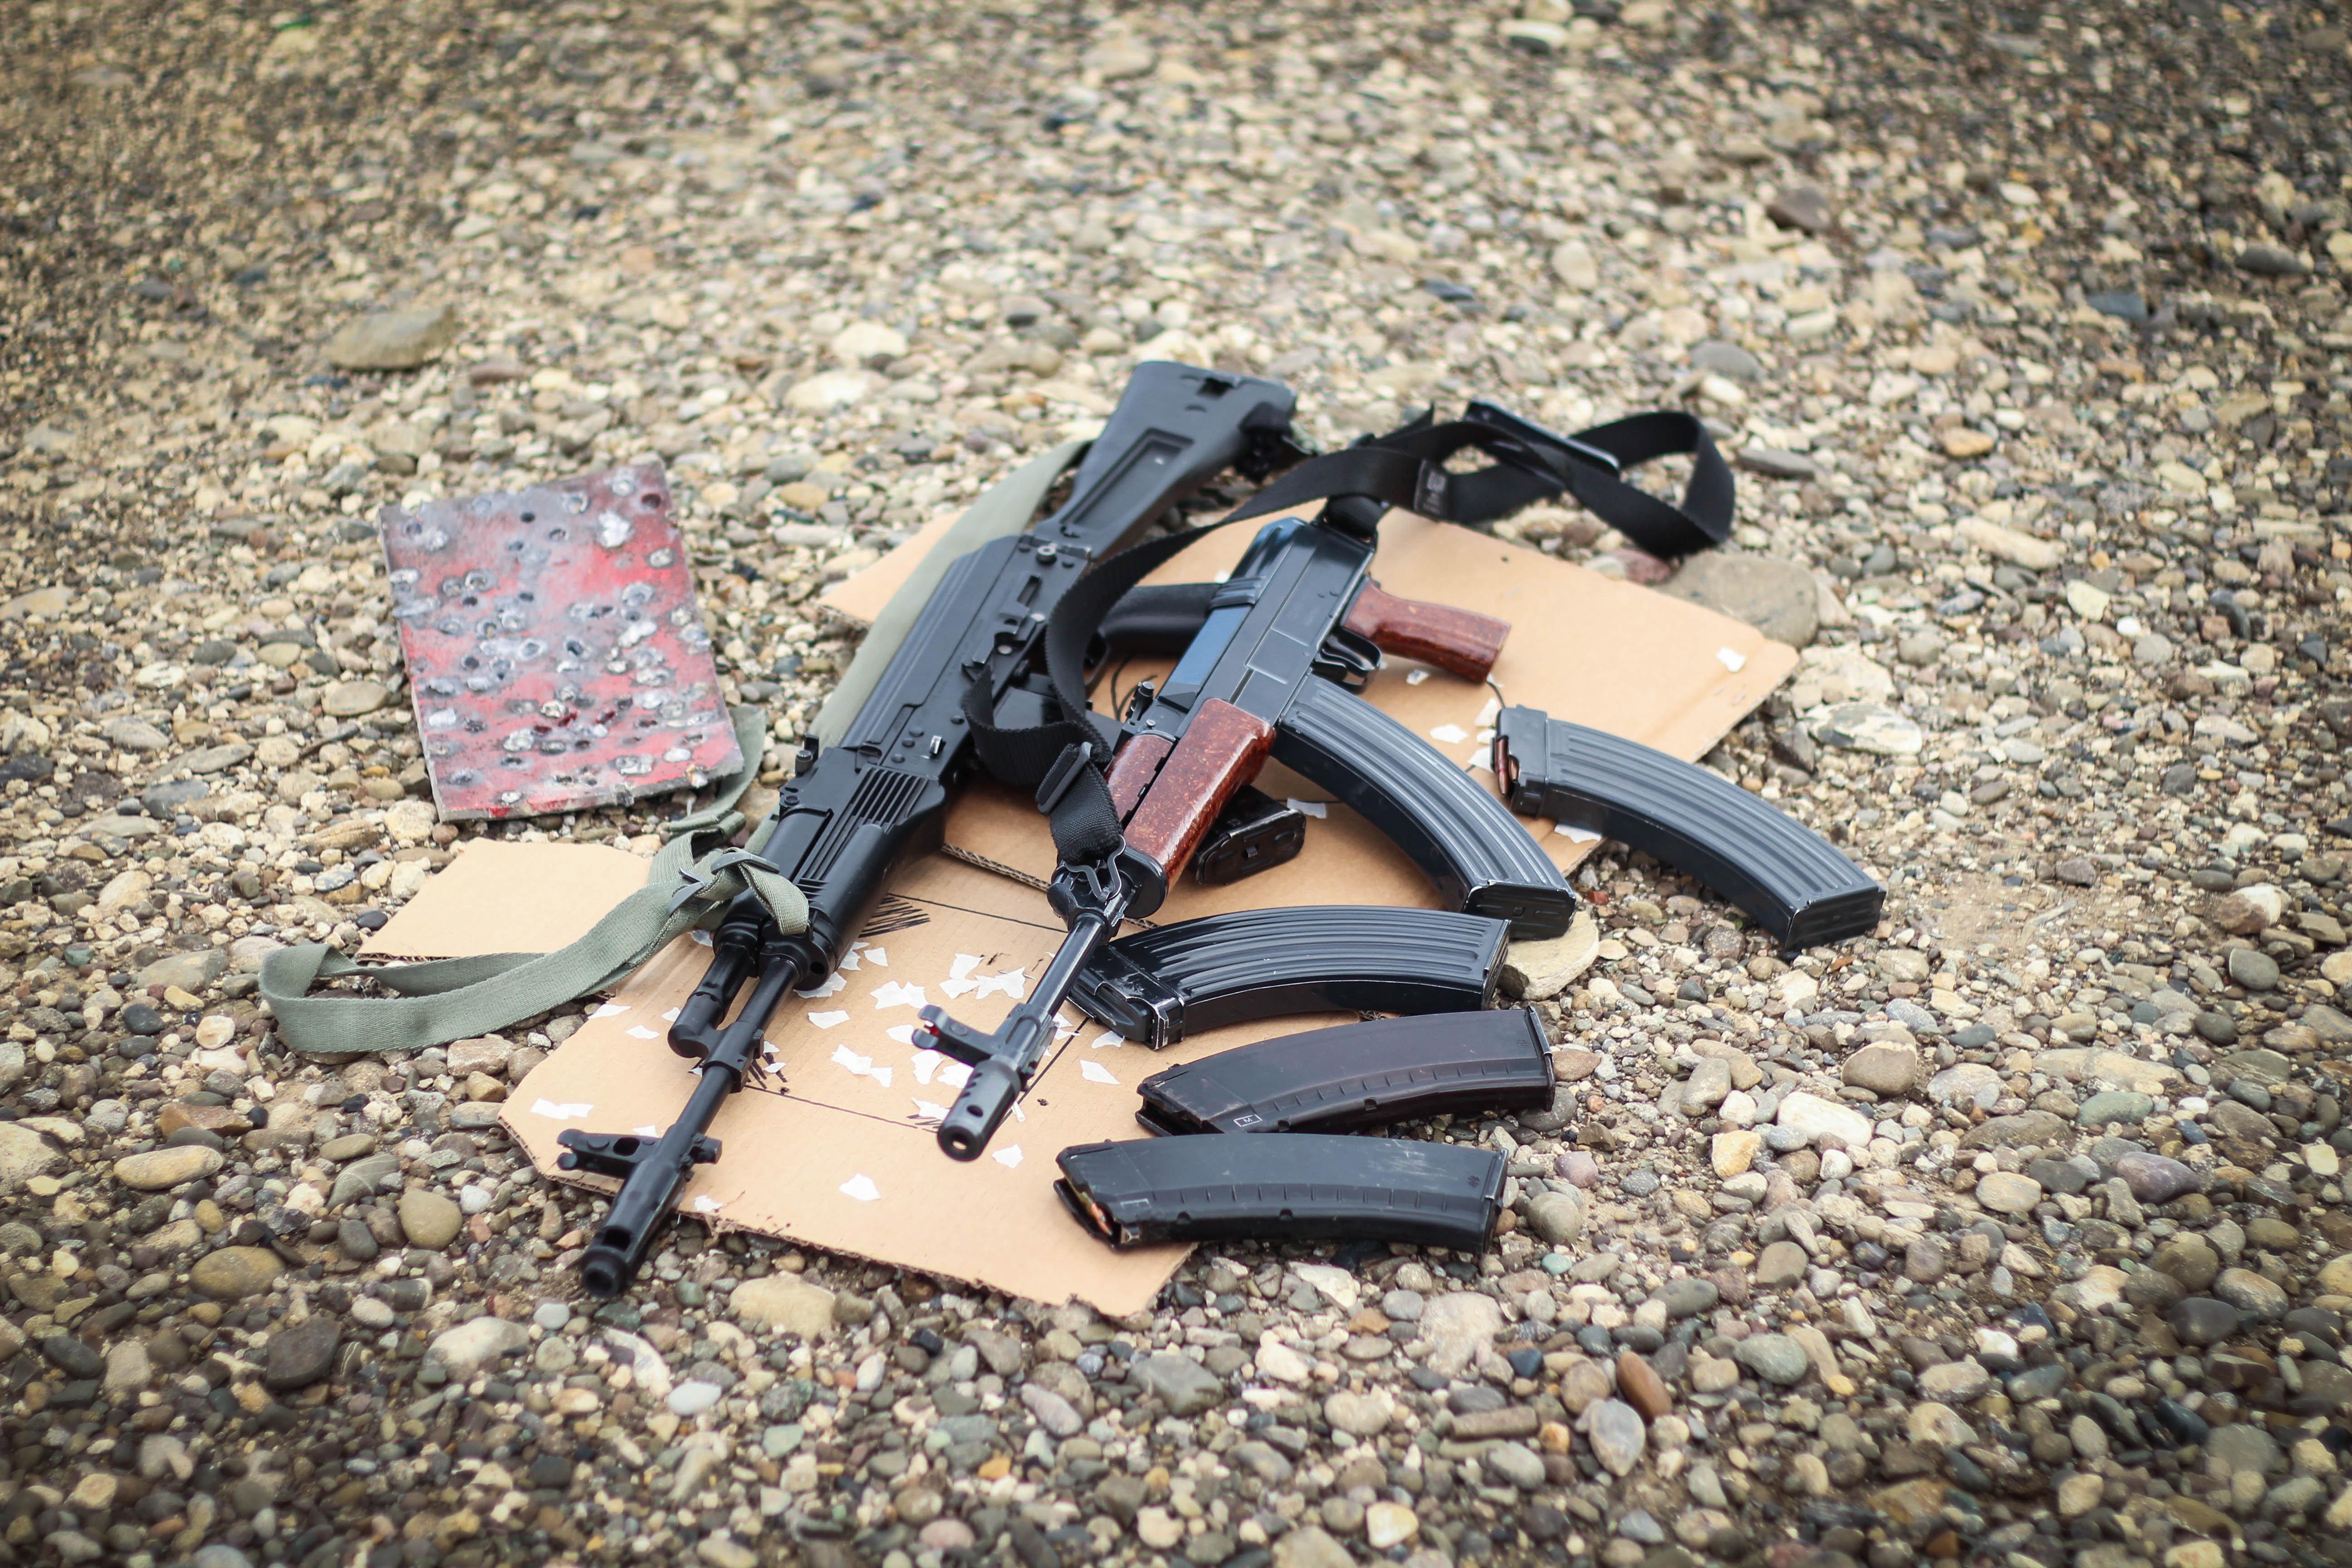 La Tunisie est un marché périphérique pour les armes légères et de petit calibre, selon un rapport de l'Institut flamand pour...